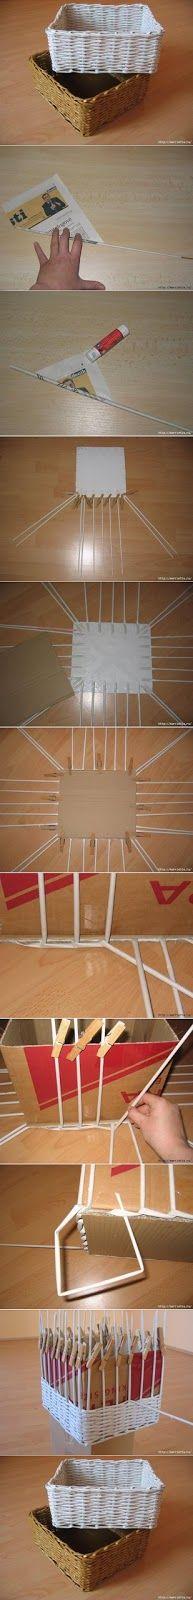 DIY Simple Newspaper Weave Basket